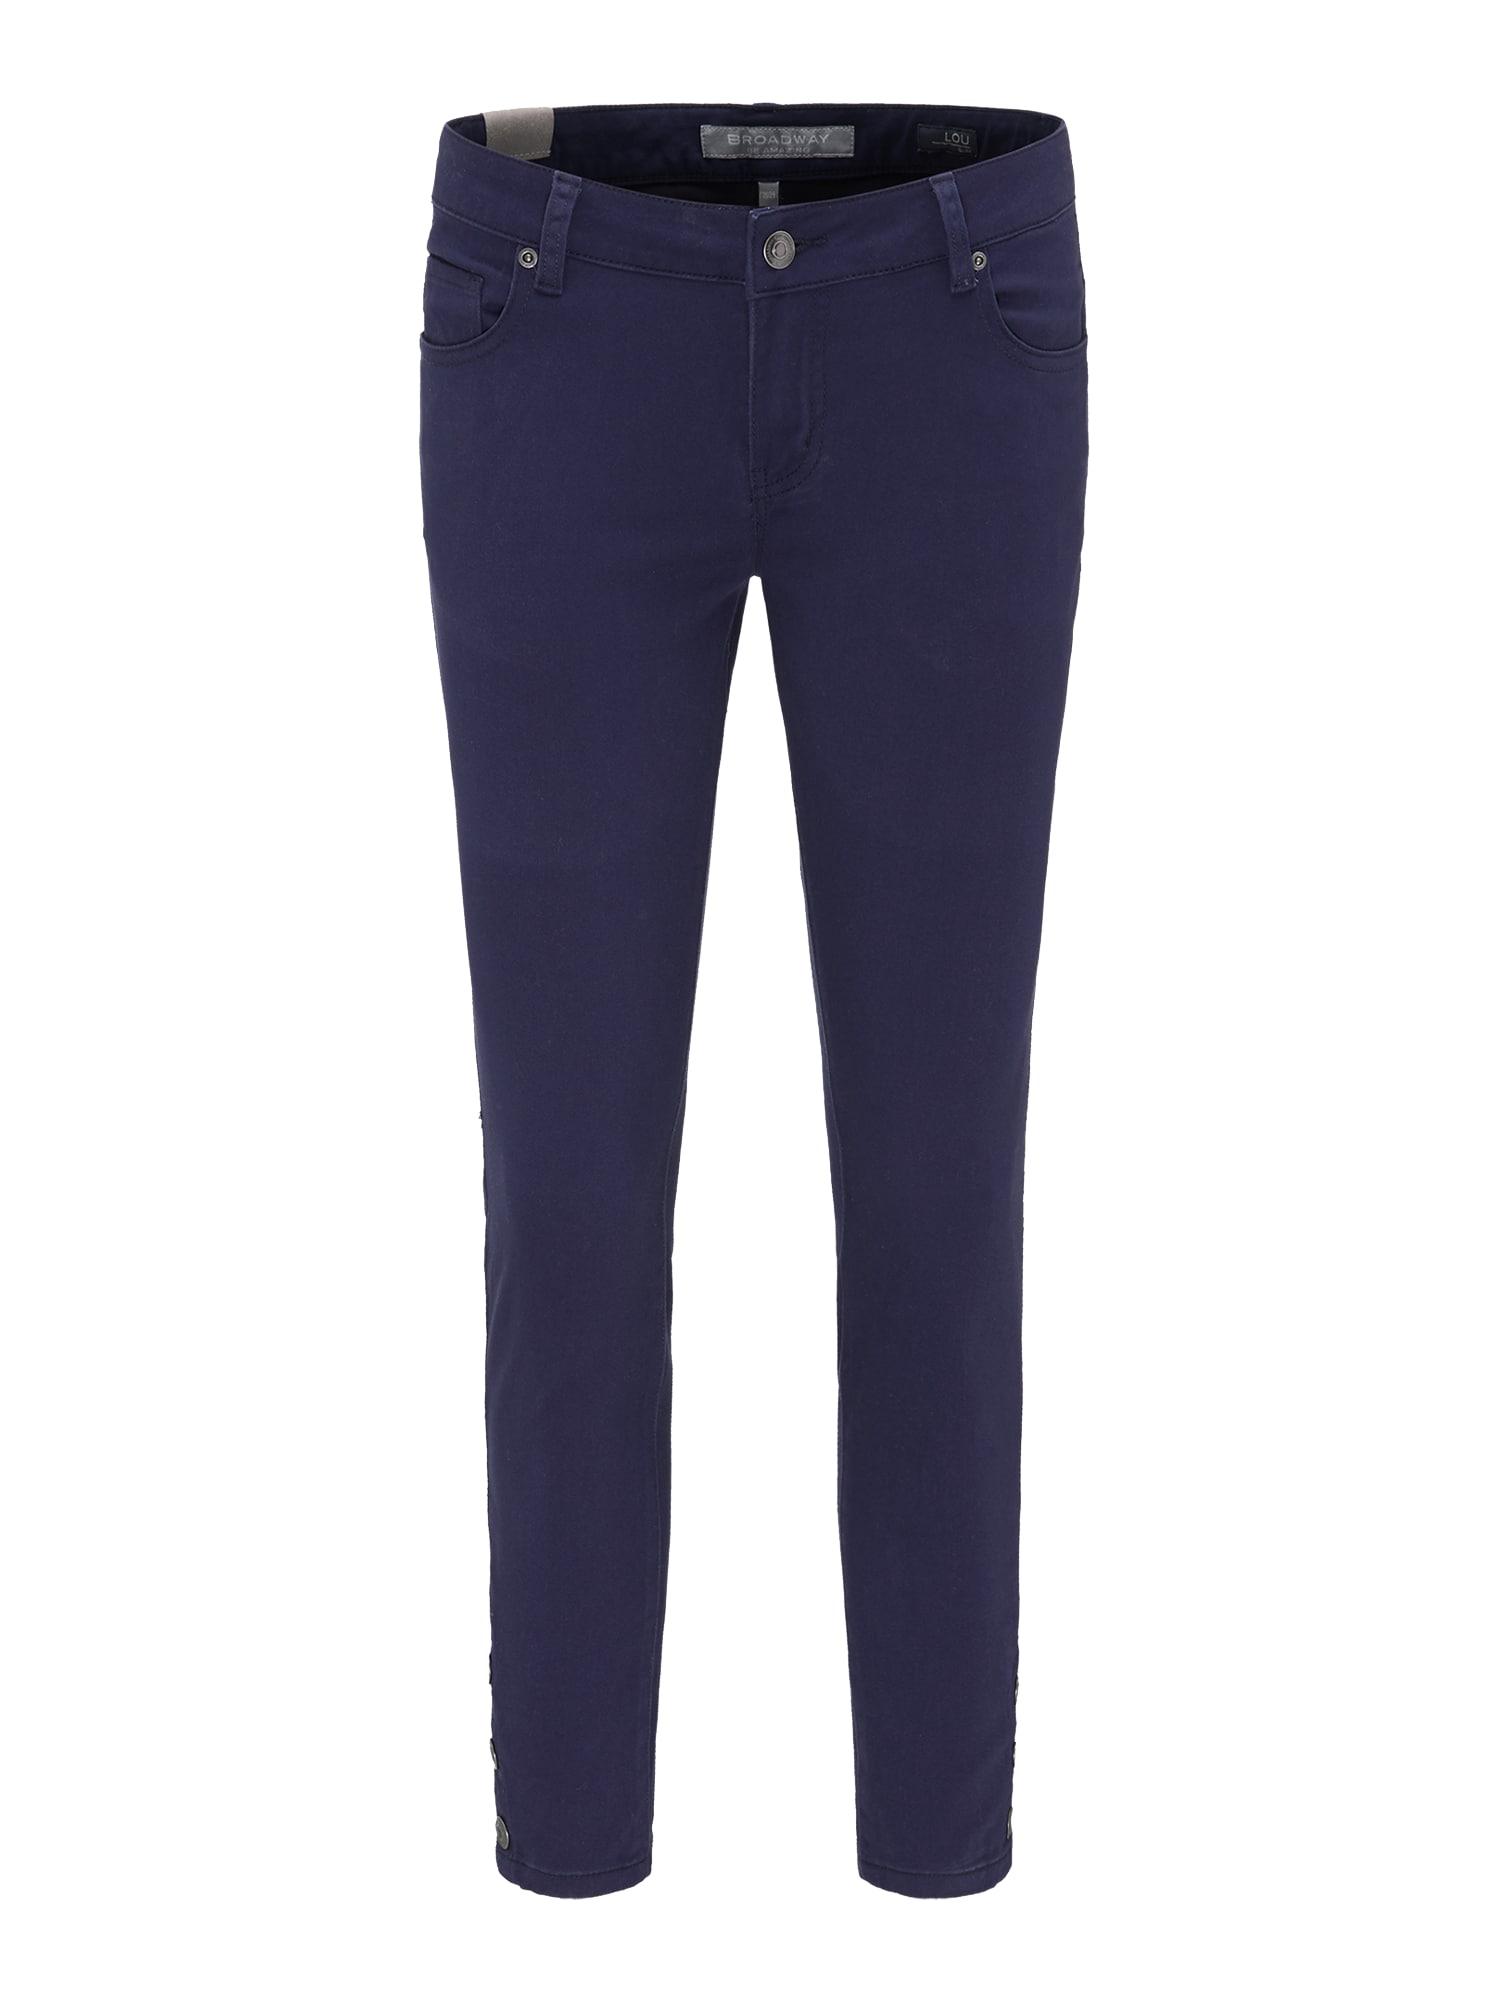 Kalhoty LOU 2859 tmavě modrá BROADWAY NYC FASHION